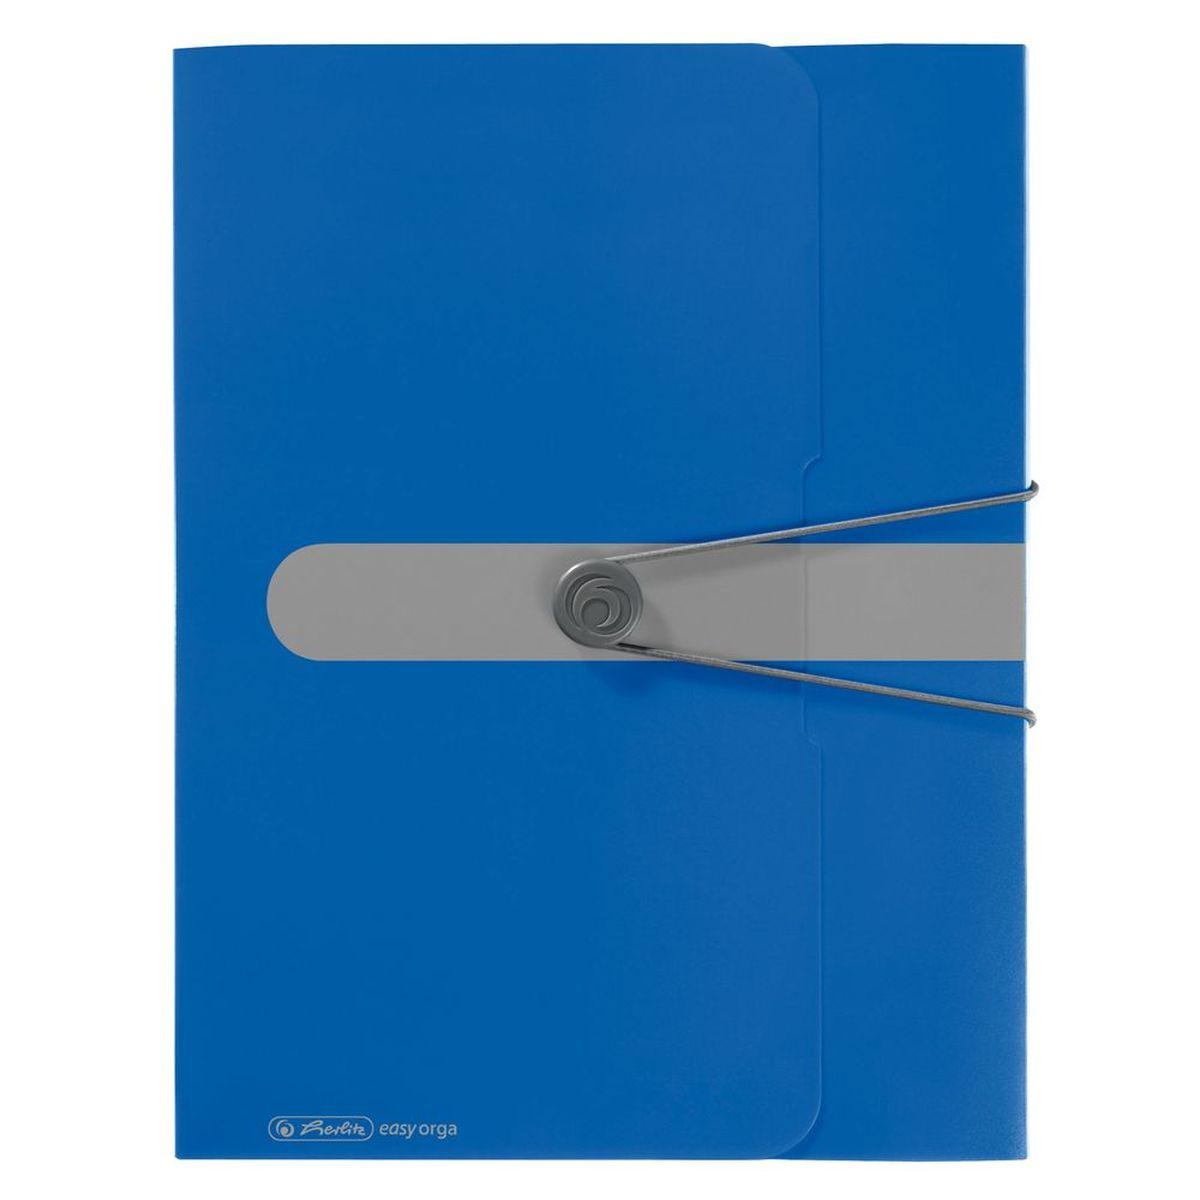 Herlitz Папка-конверт Easy orga to go цвет синий11206125Папка-конверт Herlitz Easy orga to go станет вашим верным помощником дома и в офисе.Это удобный и функциональный инструмент, предназначенный для хранения и транспортировки больших объемов рабочих бумаг и документов формата А4. Папка изготовлена из износостойкого пластика и качественного полипропилена. Состоит из одного вместительного отделения. Закрывается папка при помощи резинки, а на корешке папки есть ярлычок.Папка - это незаменимый атрибут для любого студента, школьника или офисного работника. Такая папка надежно сохранит ваши бумаги и сбережет их от повреждений, пыли и влаги.